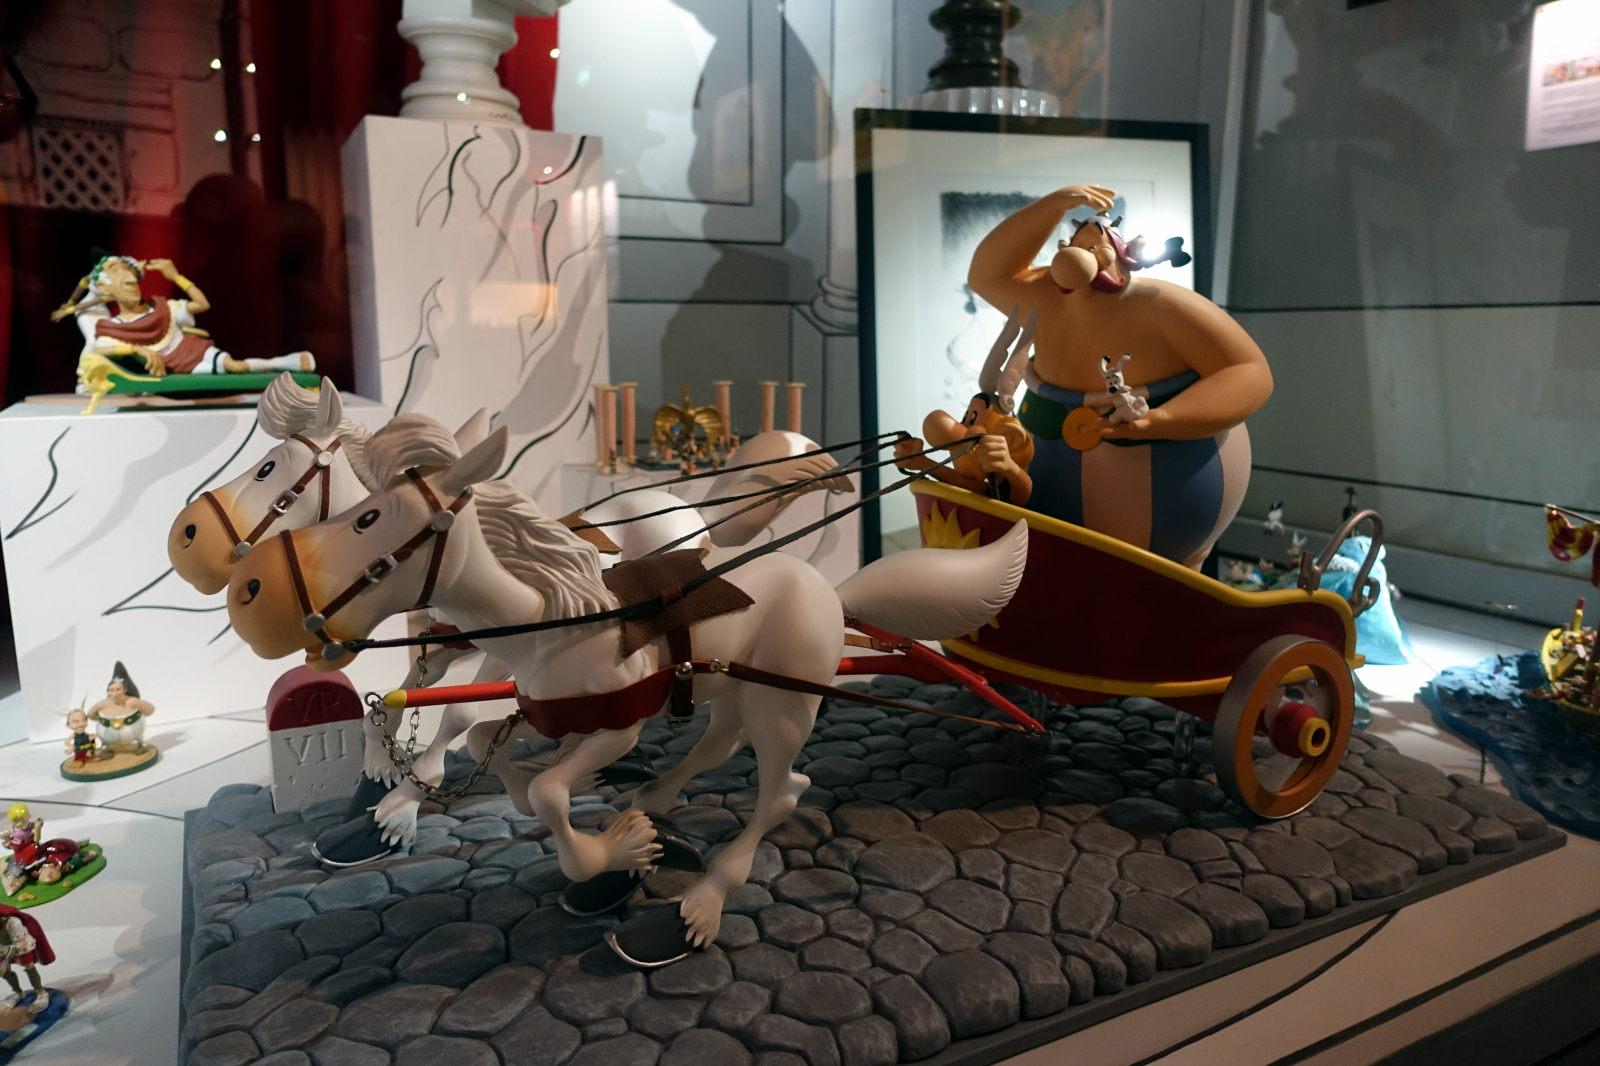 Obelix riding a chariot.